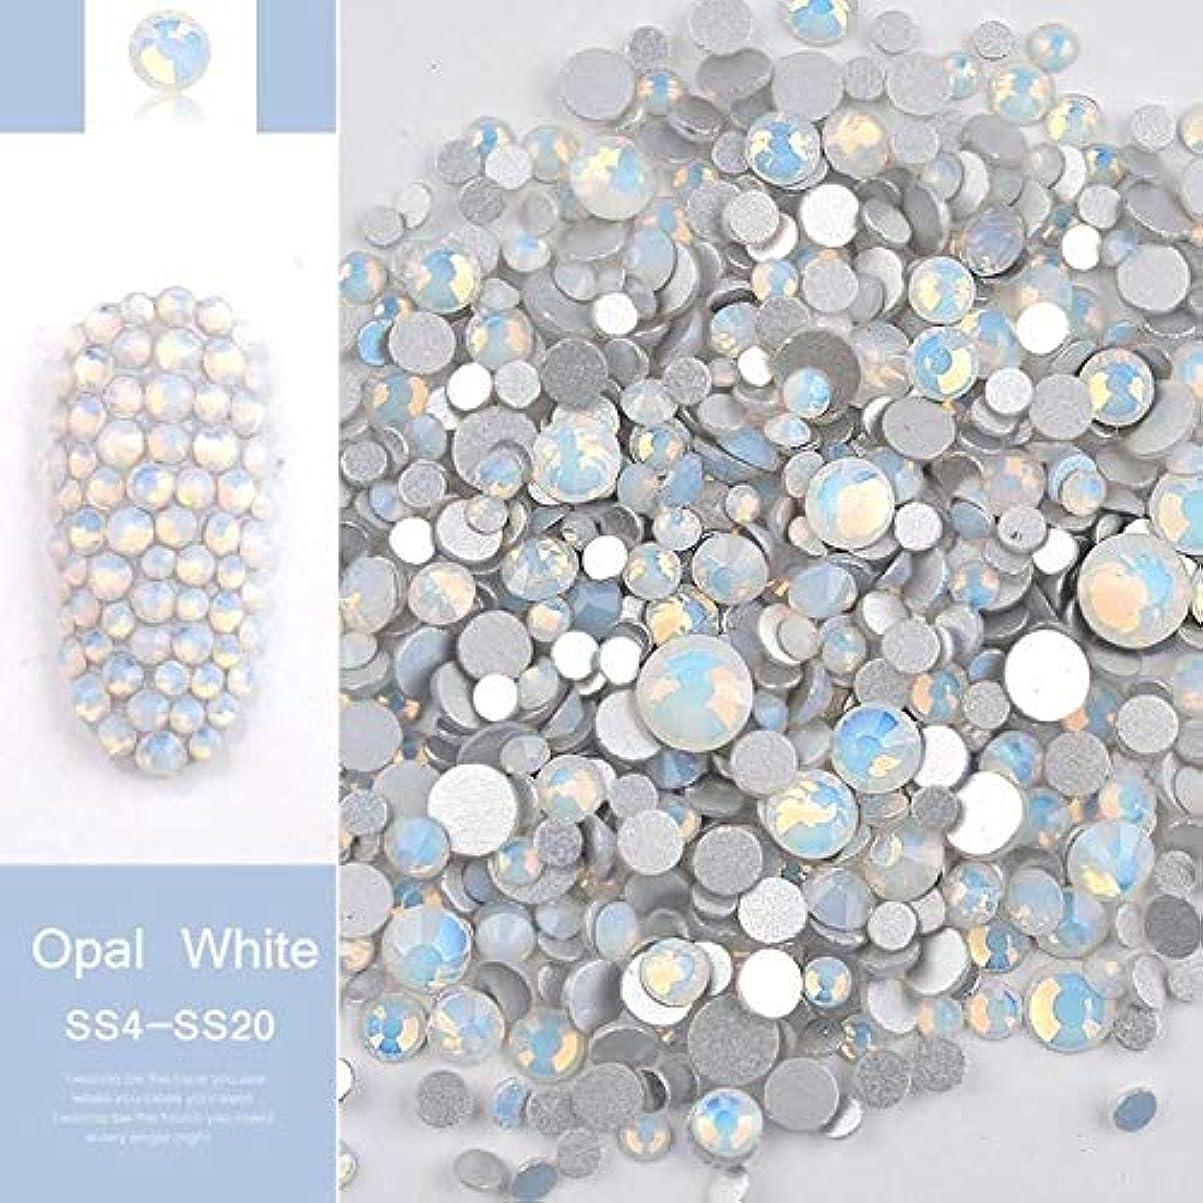 手足ビューティーケア 1パックミックスサイズ(SS4-SS20)クリスタルカラフルなオパールネイルアートラインストーンの装飾キラキラの宝石3Dマニキュアアクセサリーツール(ホワイト) (色 : 白)